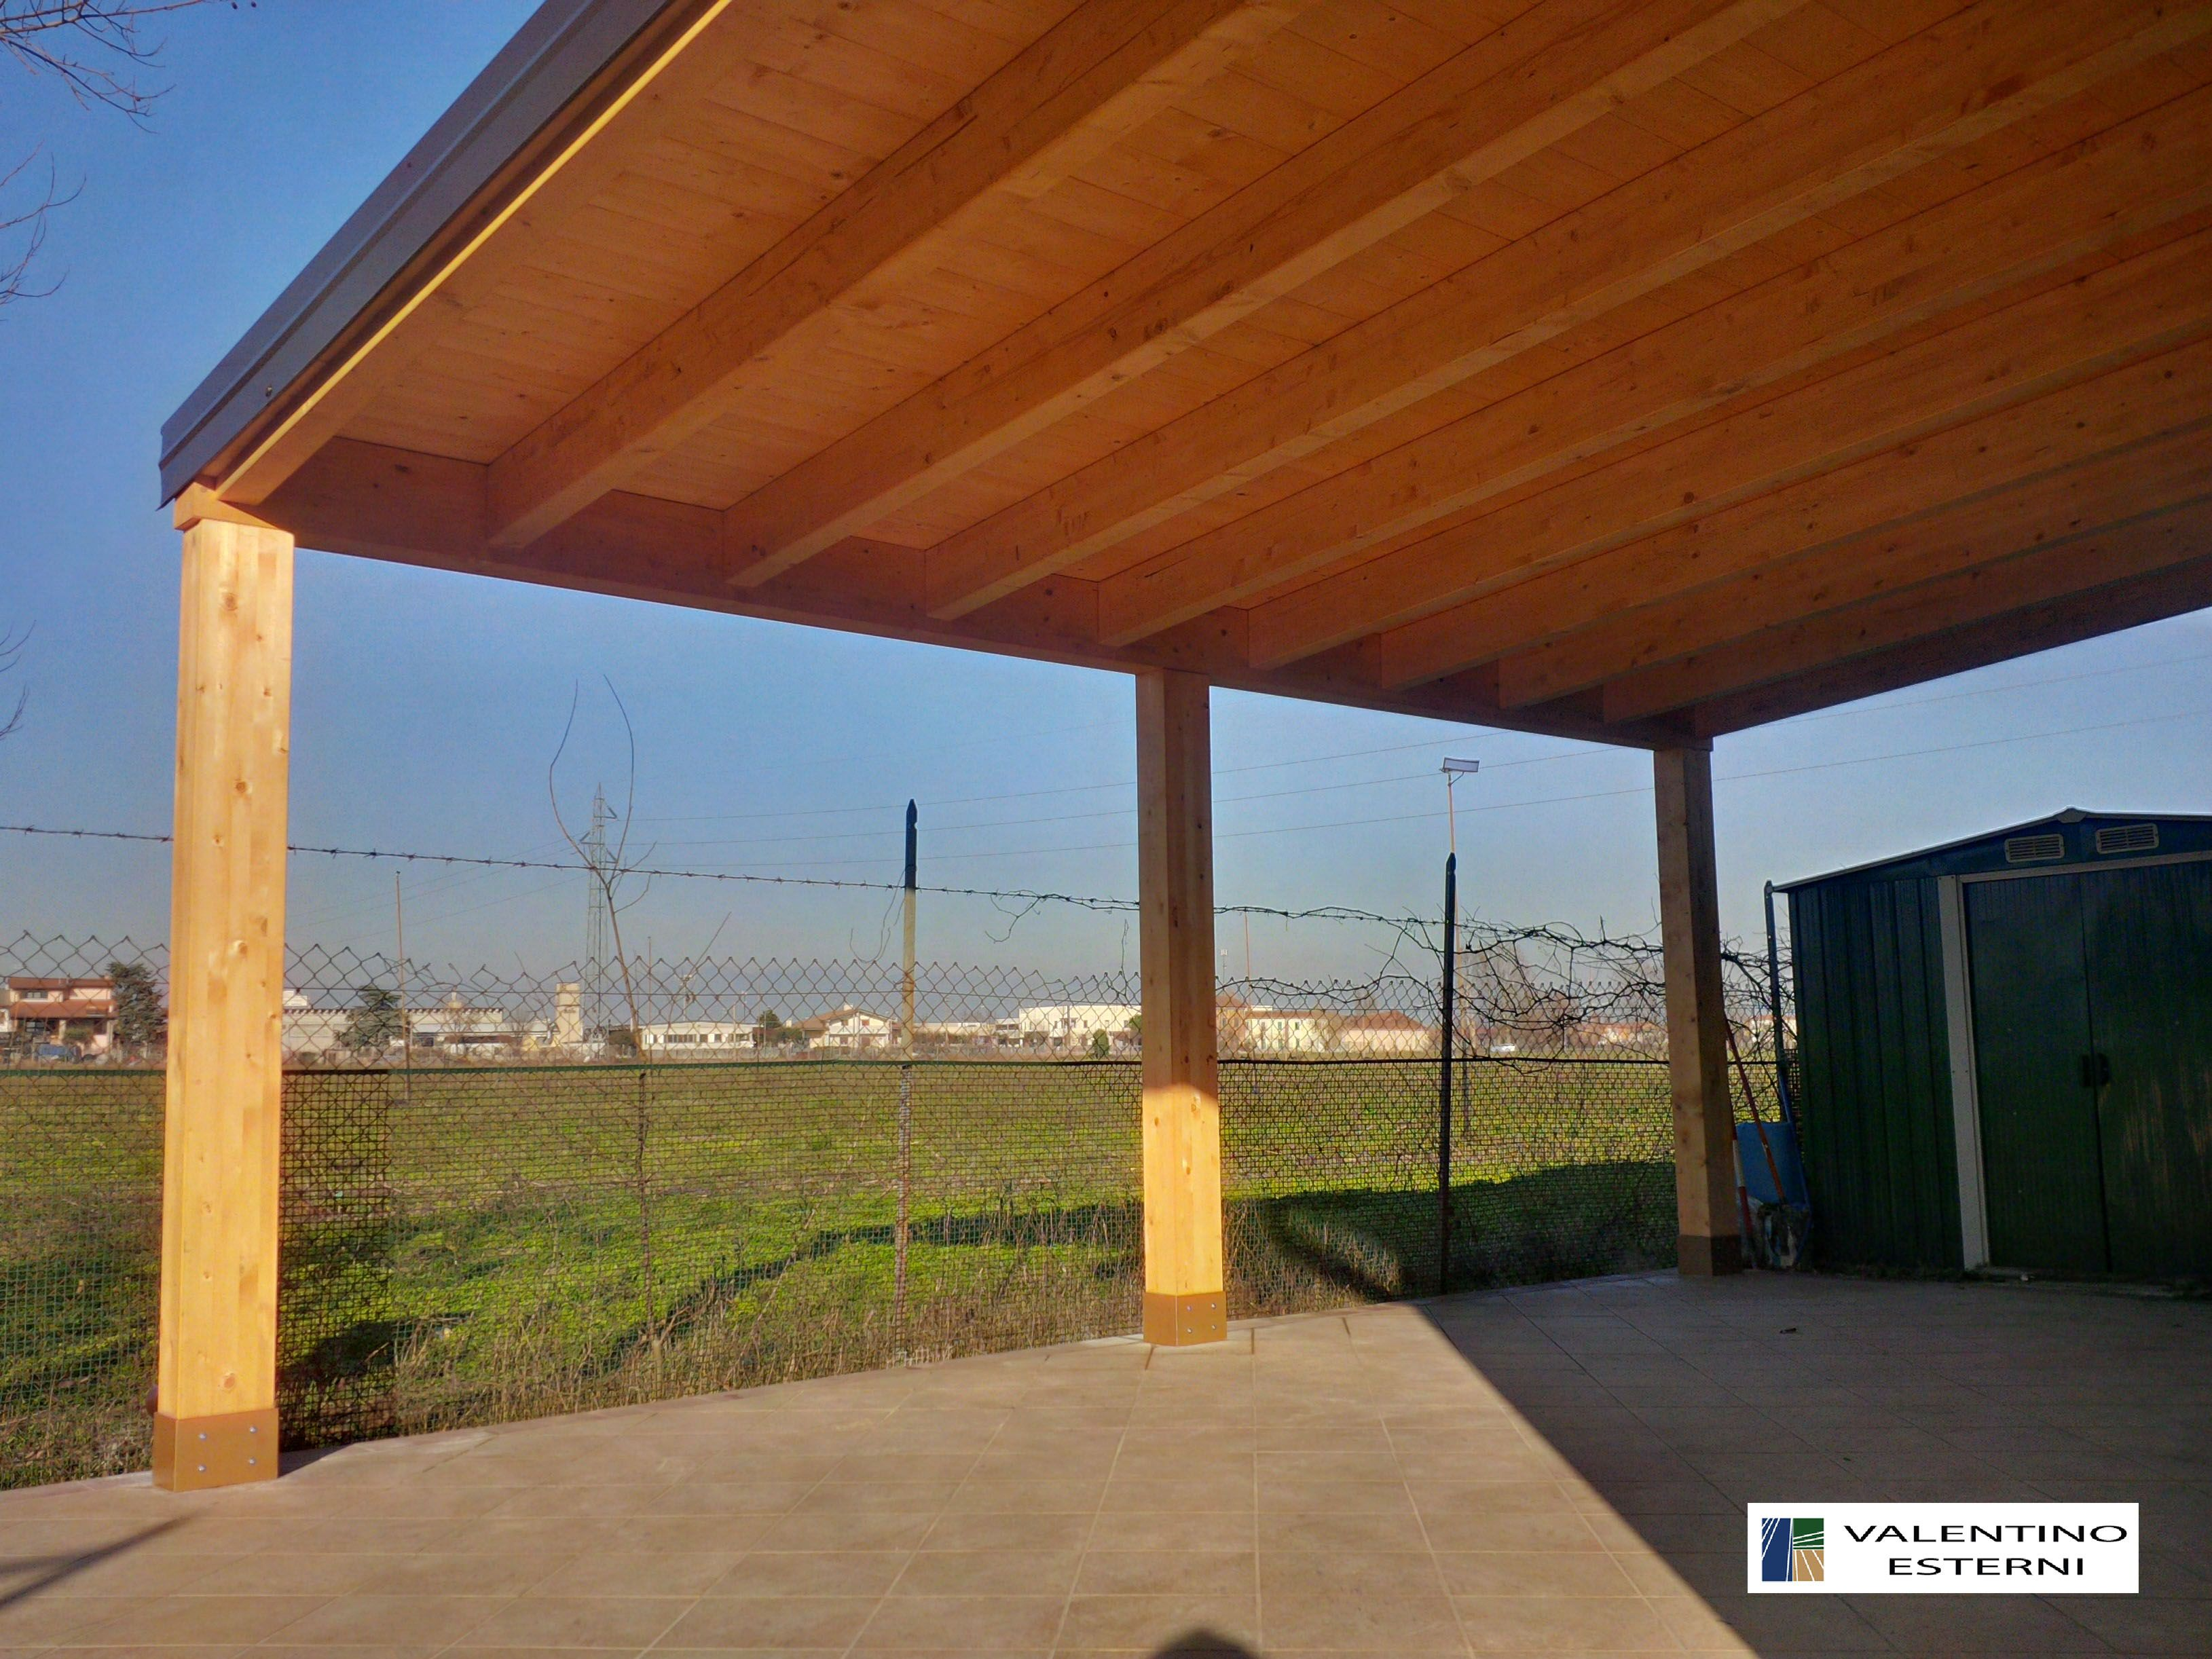 Luci Per Tettoia In Legno tettoia in legno lamellare addossata con incastri su trave